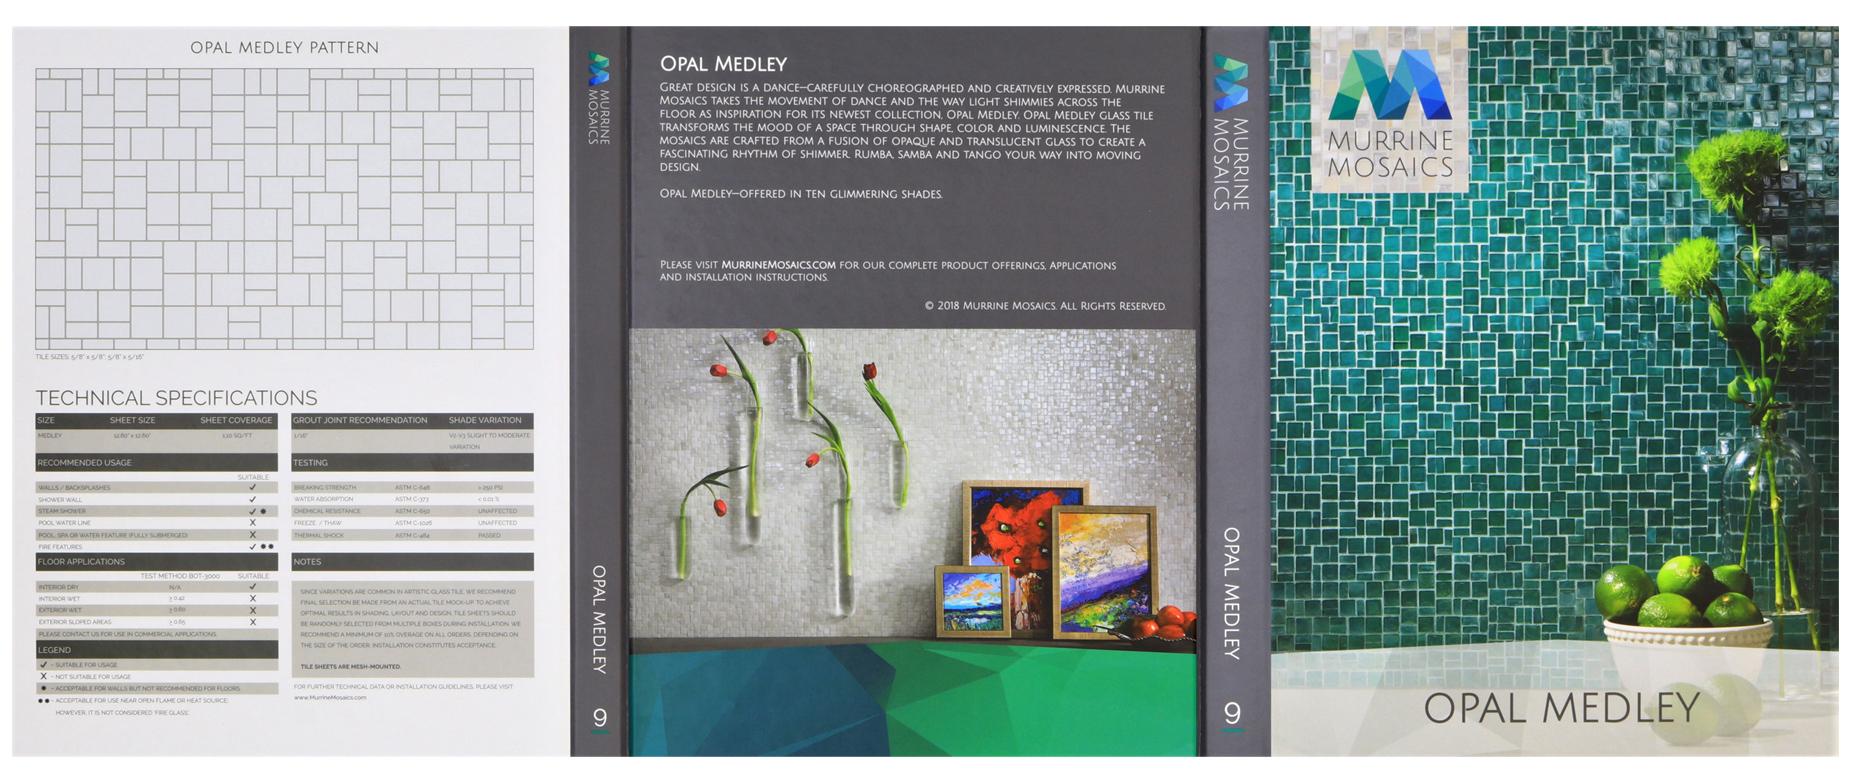 OPAL MEDLEY - Outside